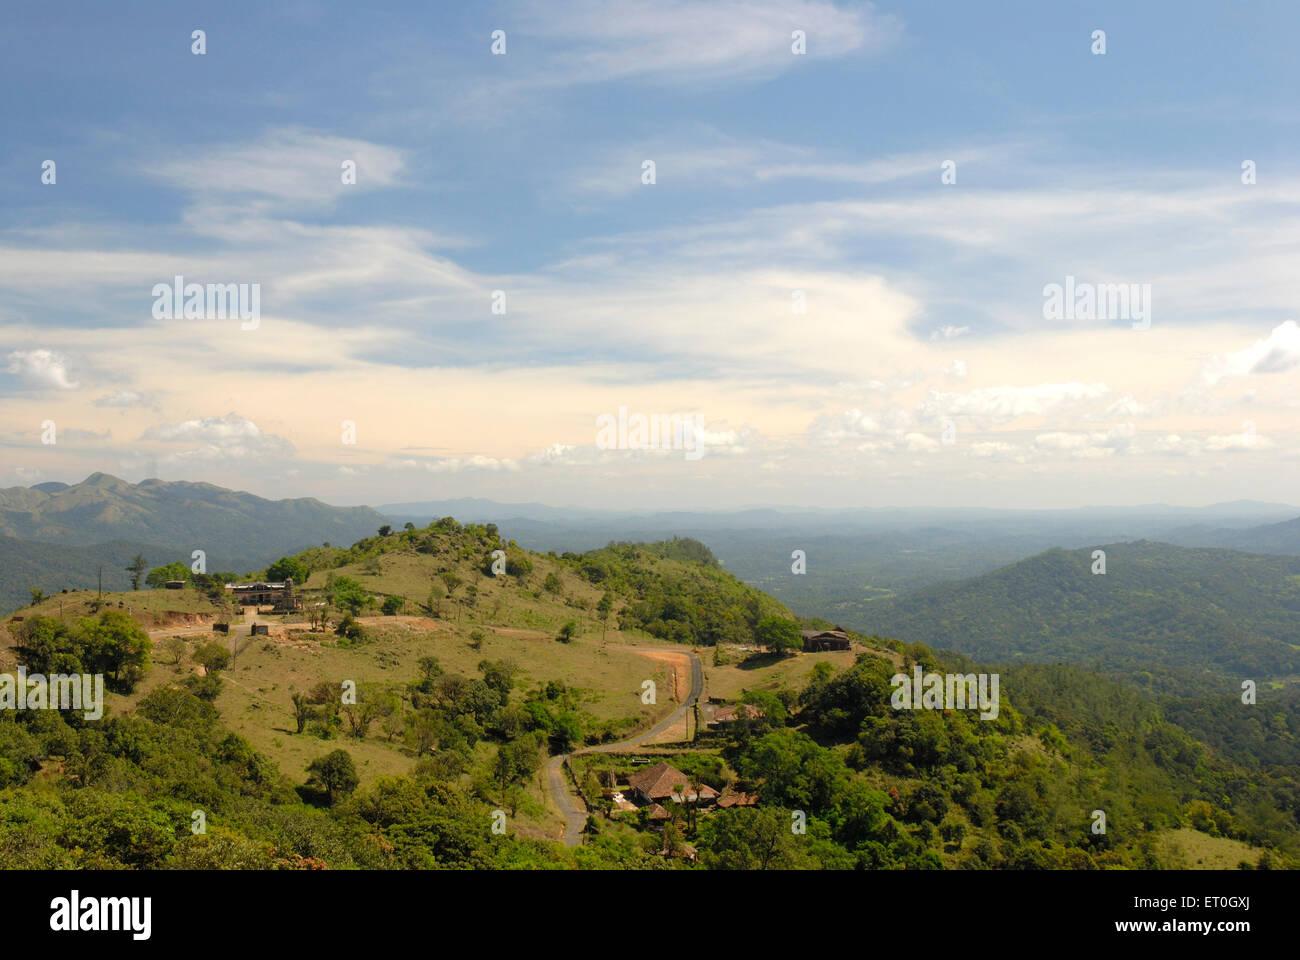 Landschaft in der Nähe von Tal Cauvery; Coorg; Bezirk Mangalore; Karnataka; Indien Stockbild